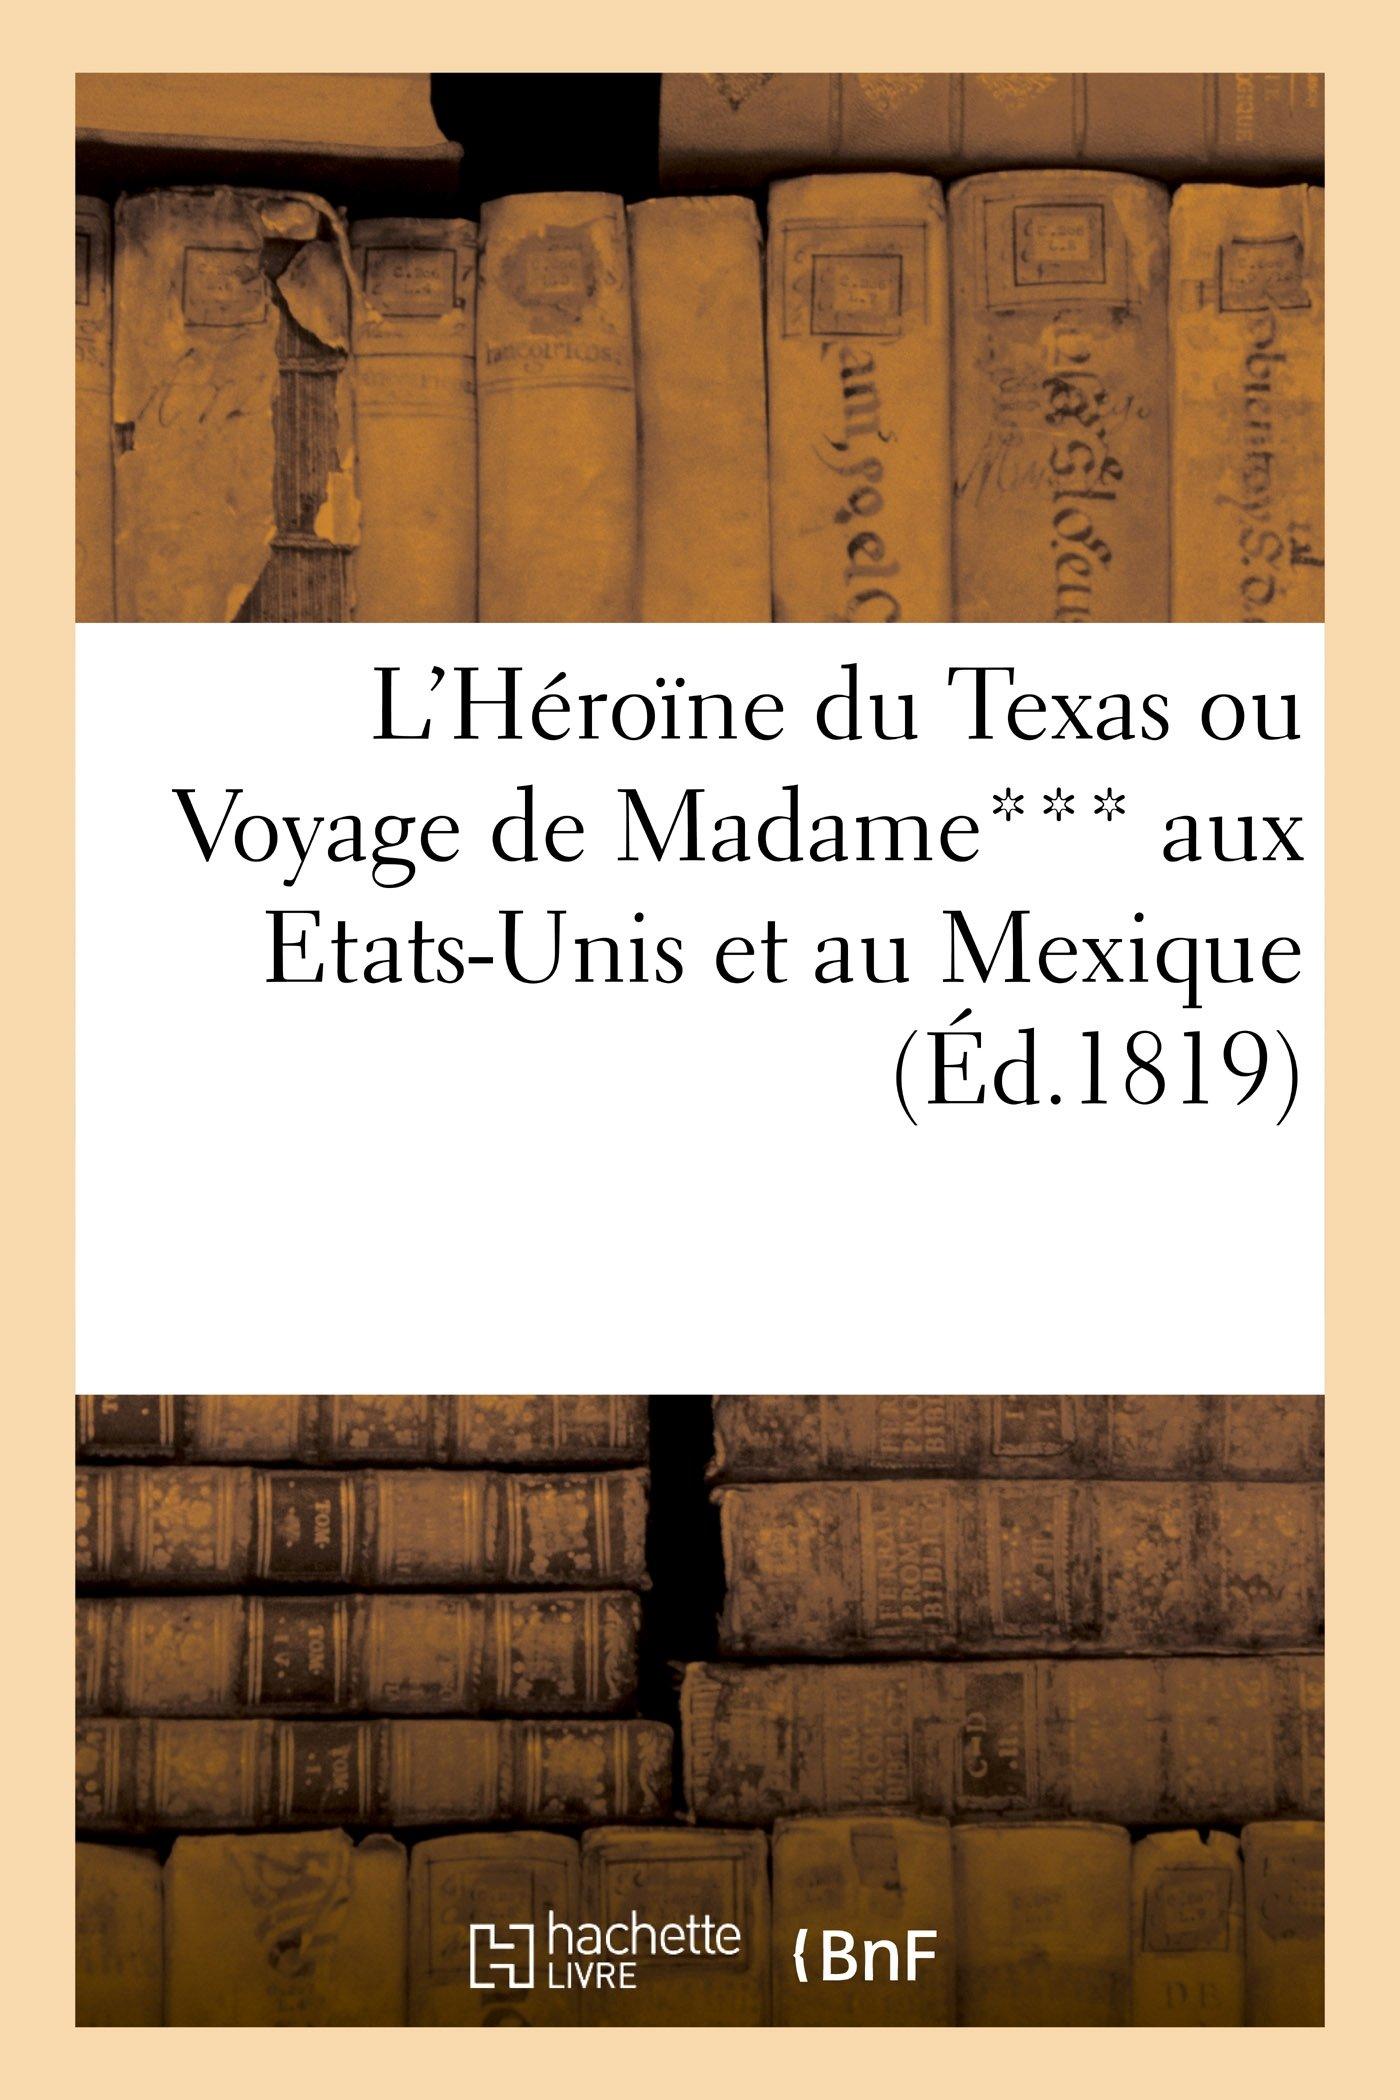 Download L'Héroïne du Texas ou Voyage de Madame*** aux Etats-Unis et au Mexique (Éd.1819) (Histoire) (French Edition) ebook